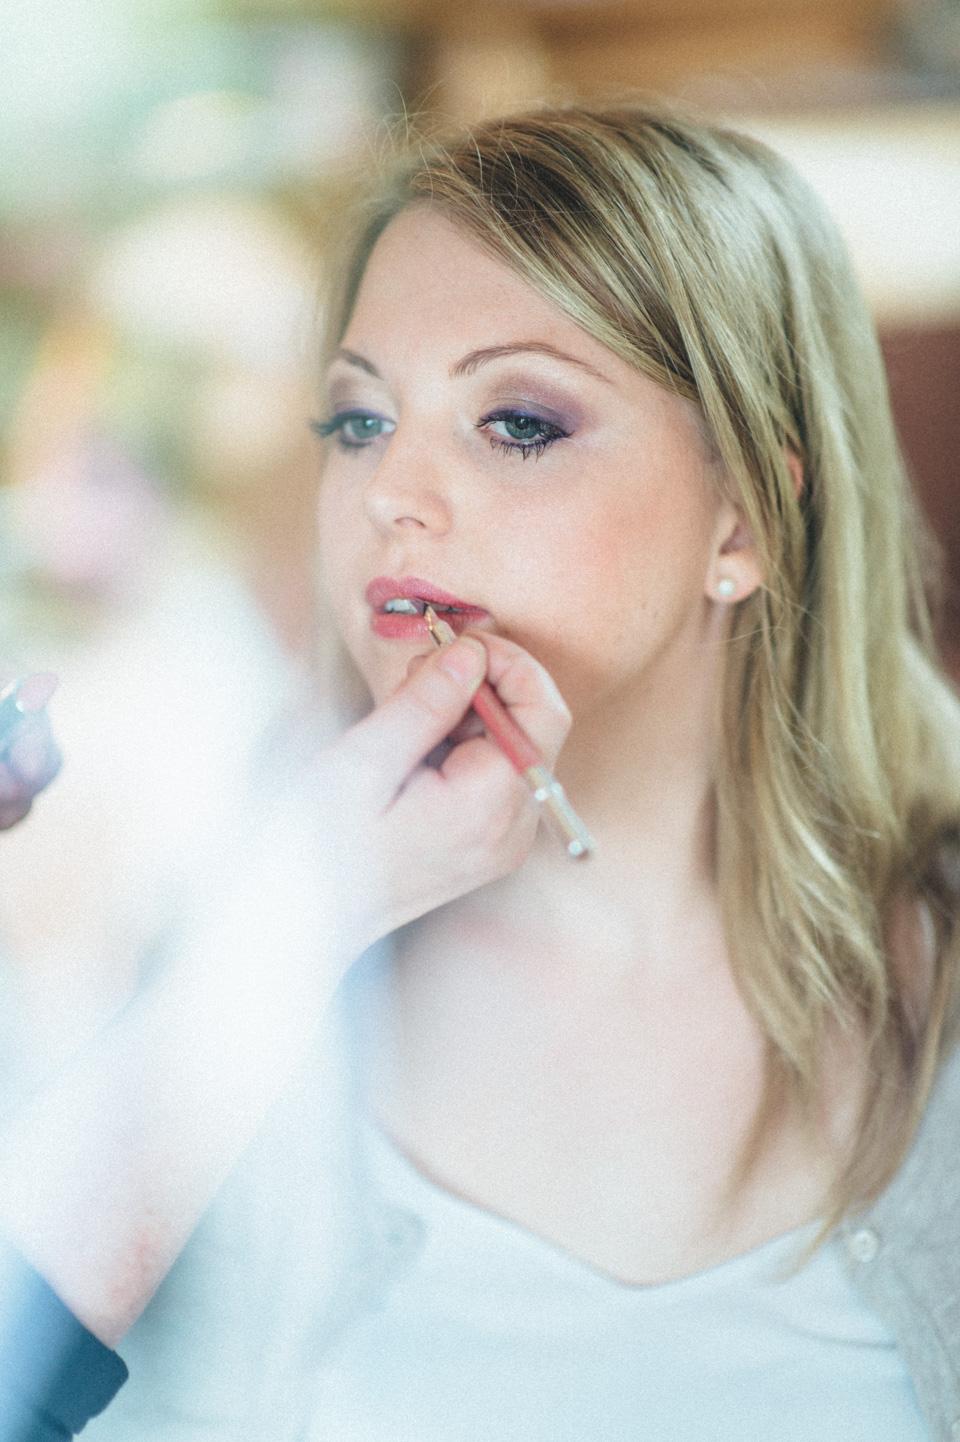 diy-wedding-bayern-24 Isabell & Tomaj Vintage DIY Hochzeit in Bayerndiy wedding bayern 24